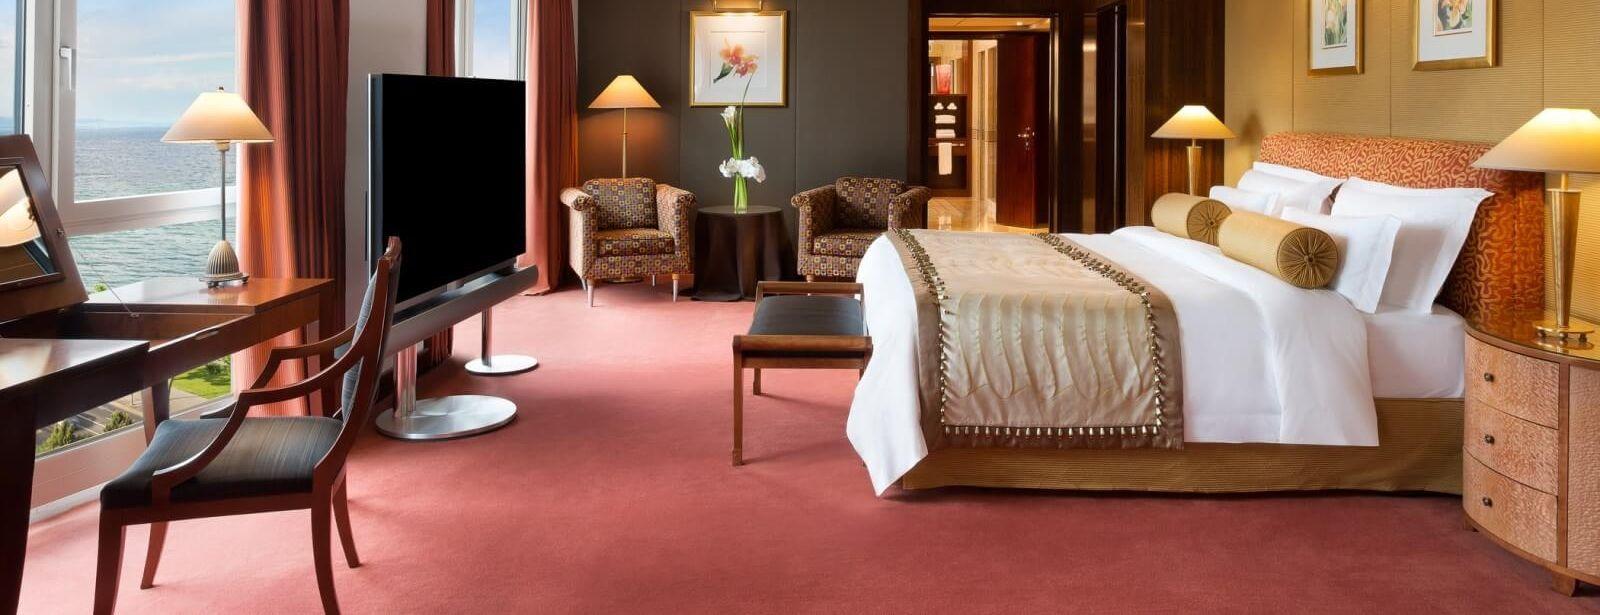 As es la suite de hotel m s cara del mundo cu nto for Cuanto cuesta una habitacion en un hotel